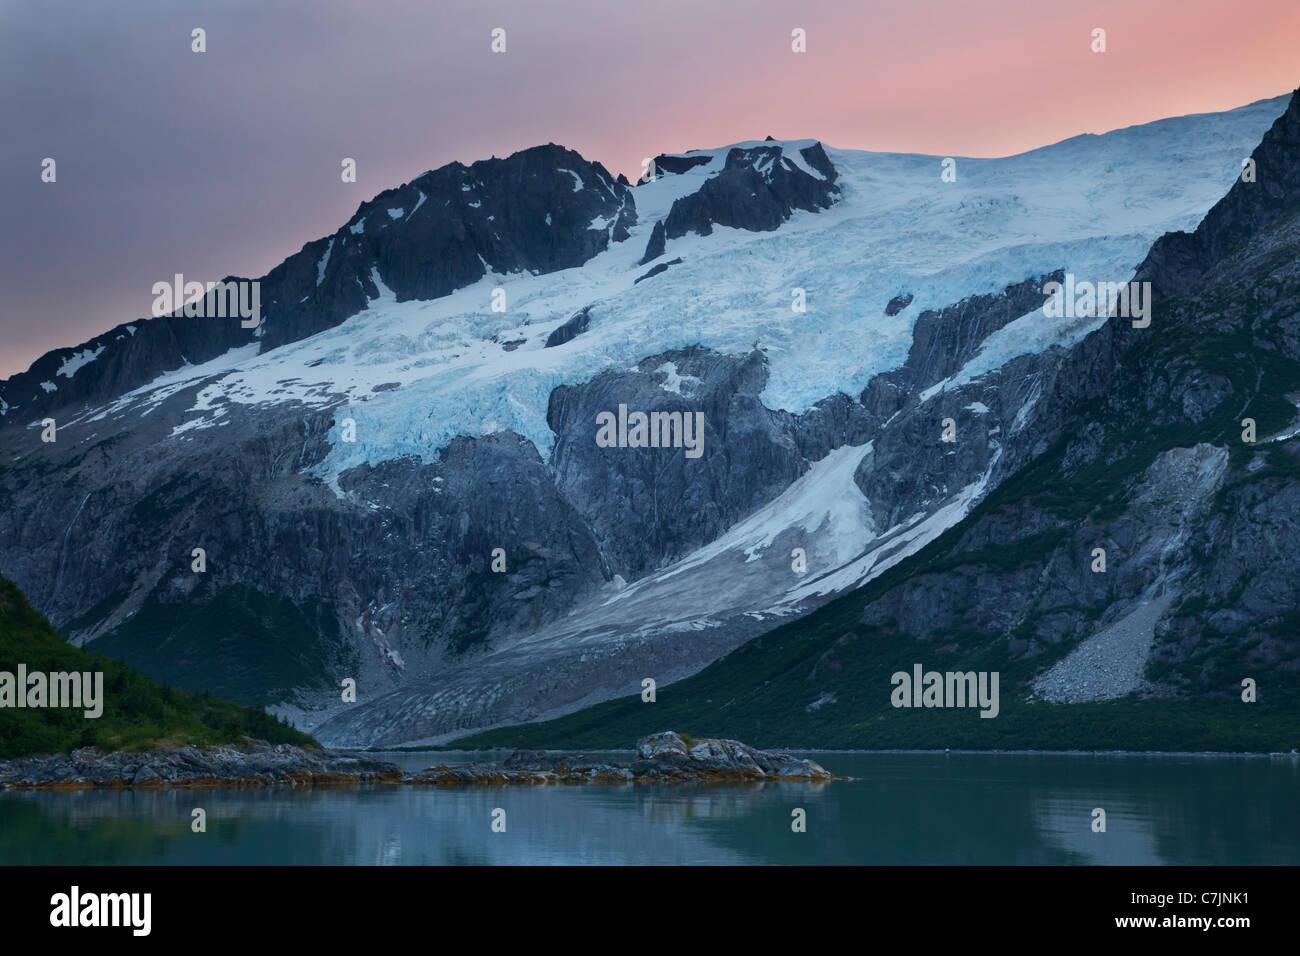 Le Nord-ouest de Sunrise, Fjord Kenai Fjords National Park, près de Seward, en Alaska. Photo Stock